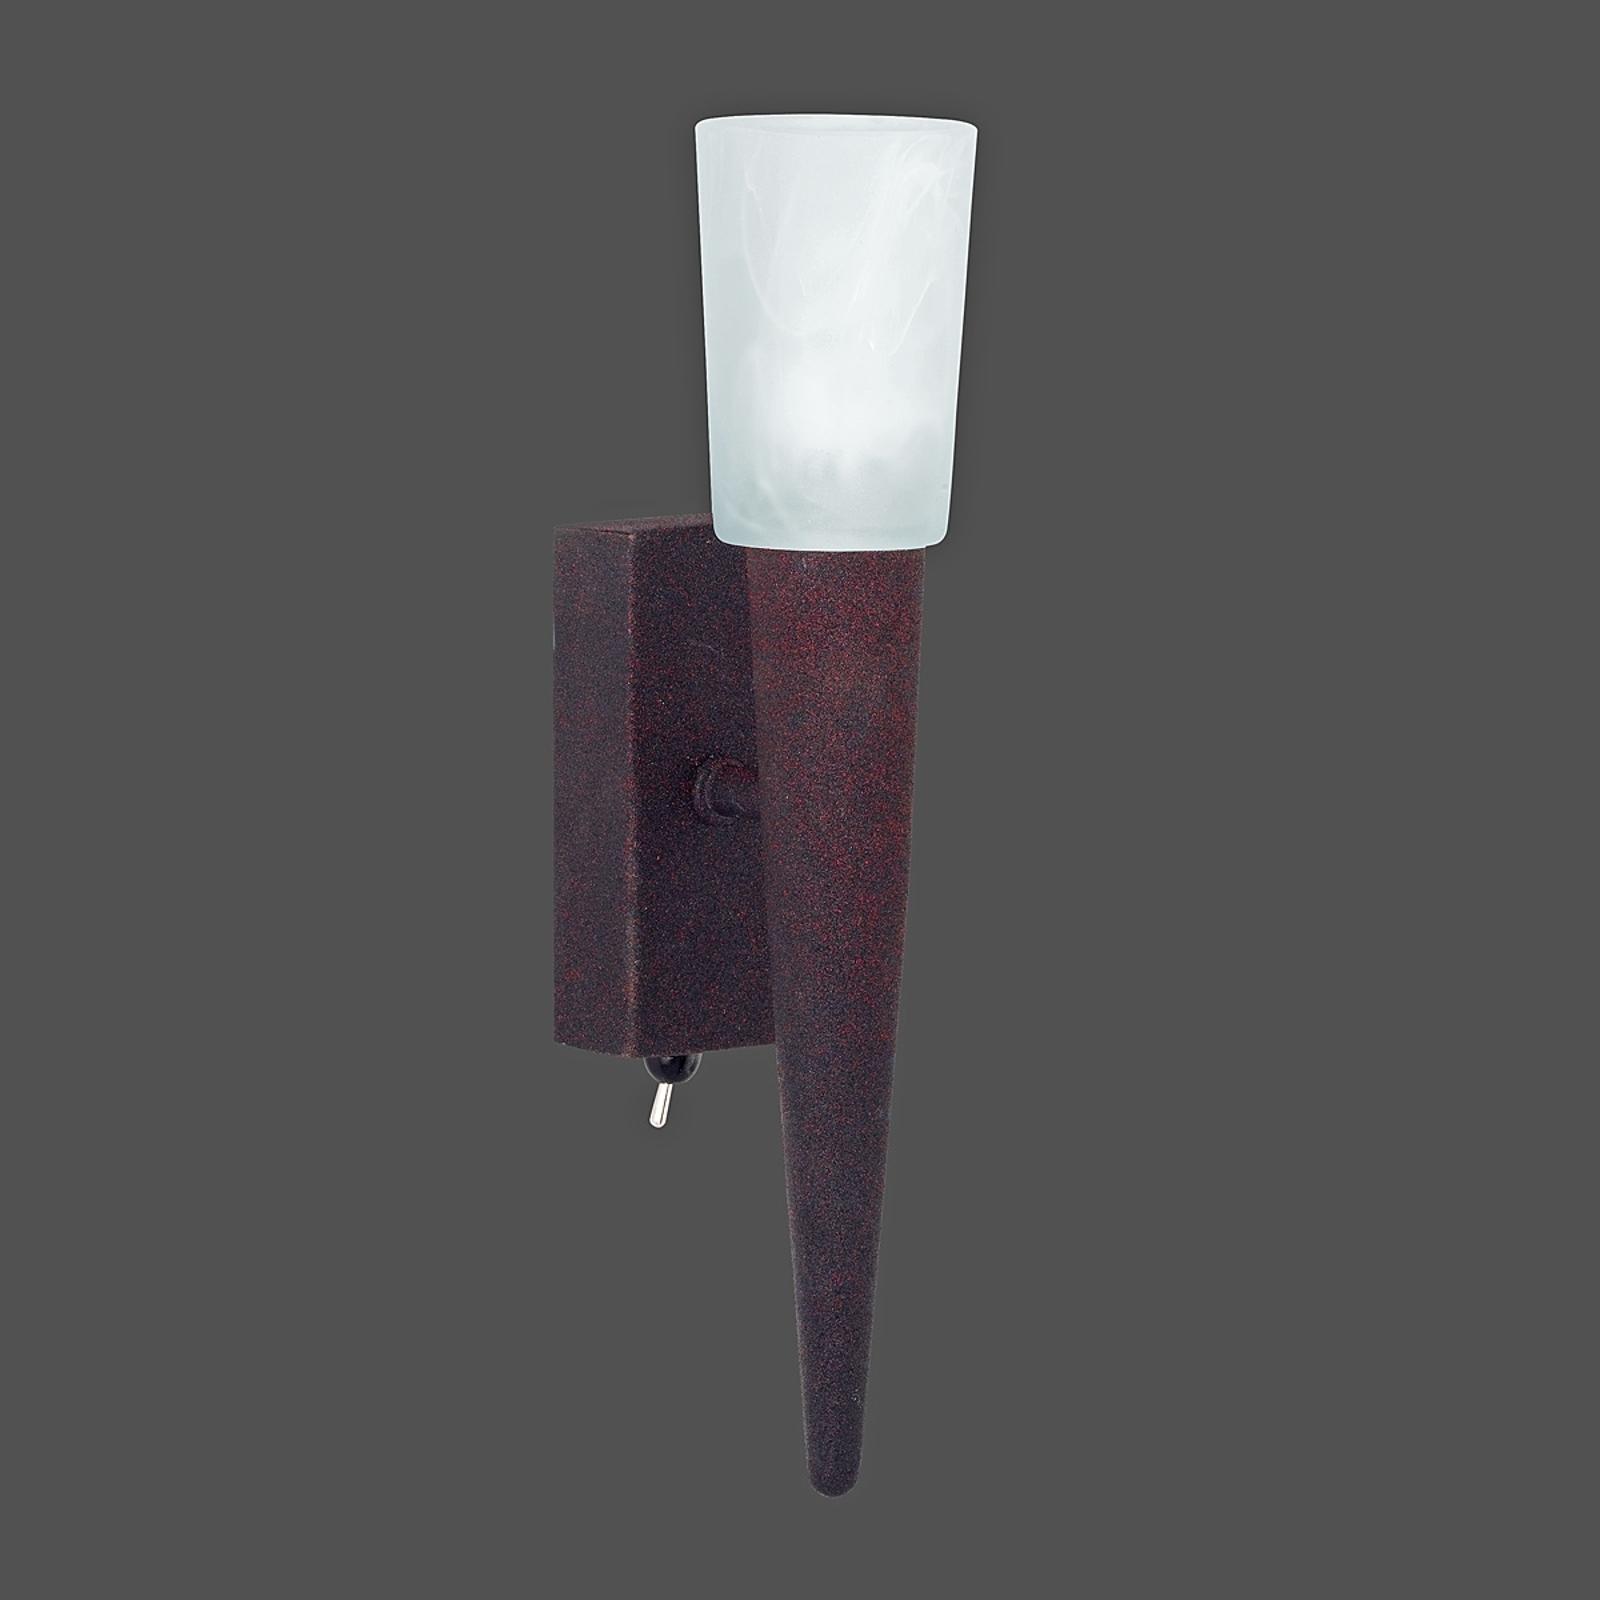 Applique rustico Flame